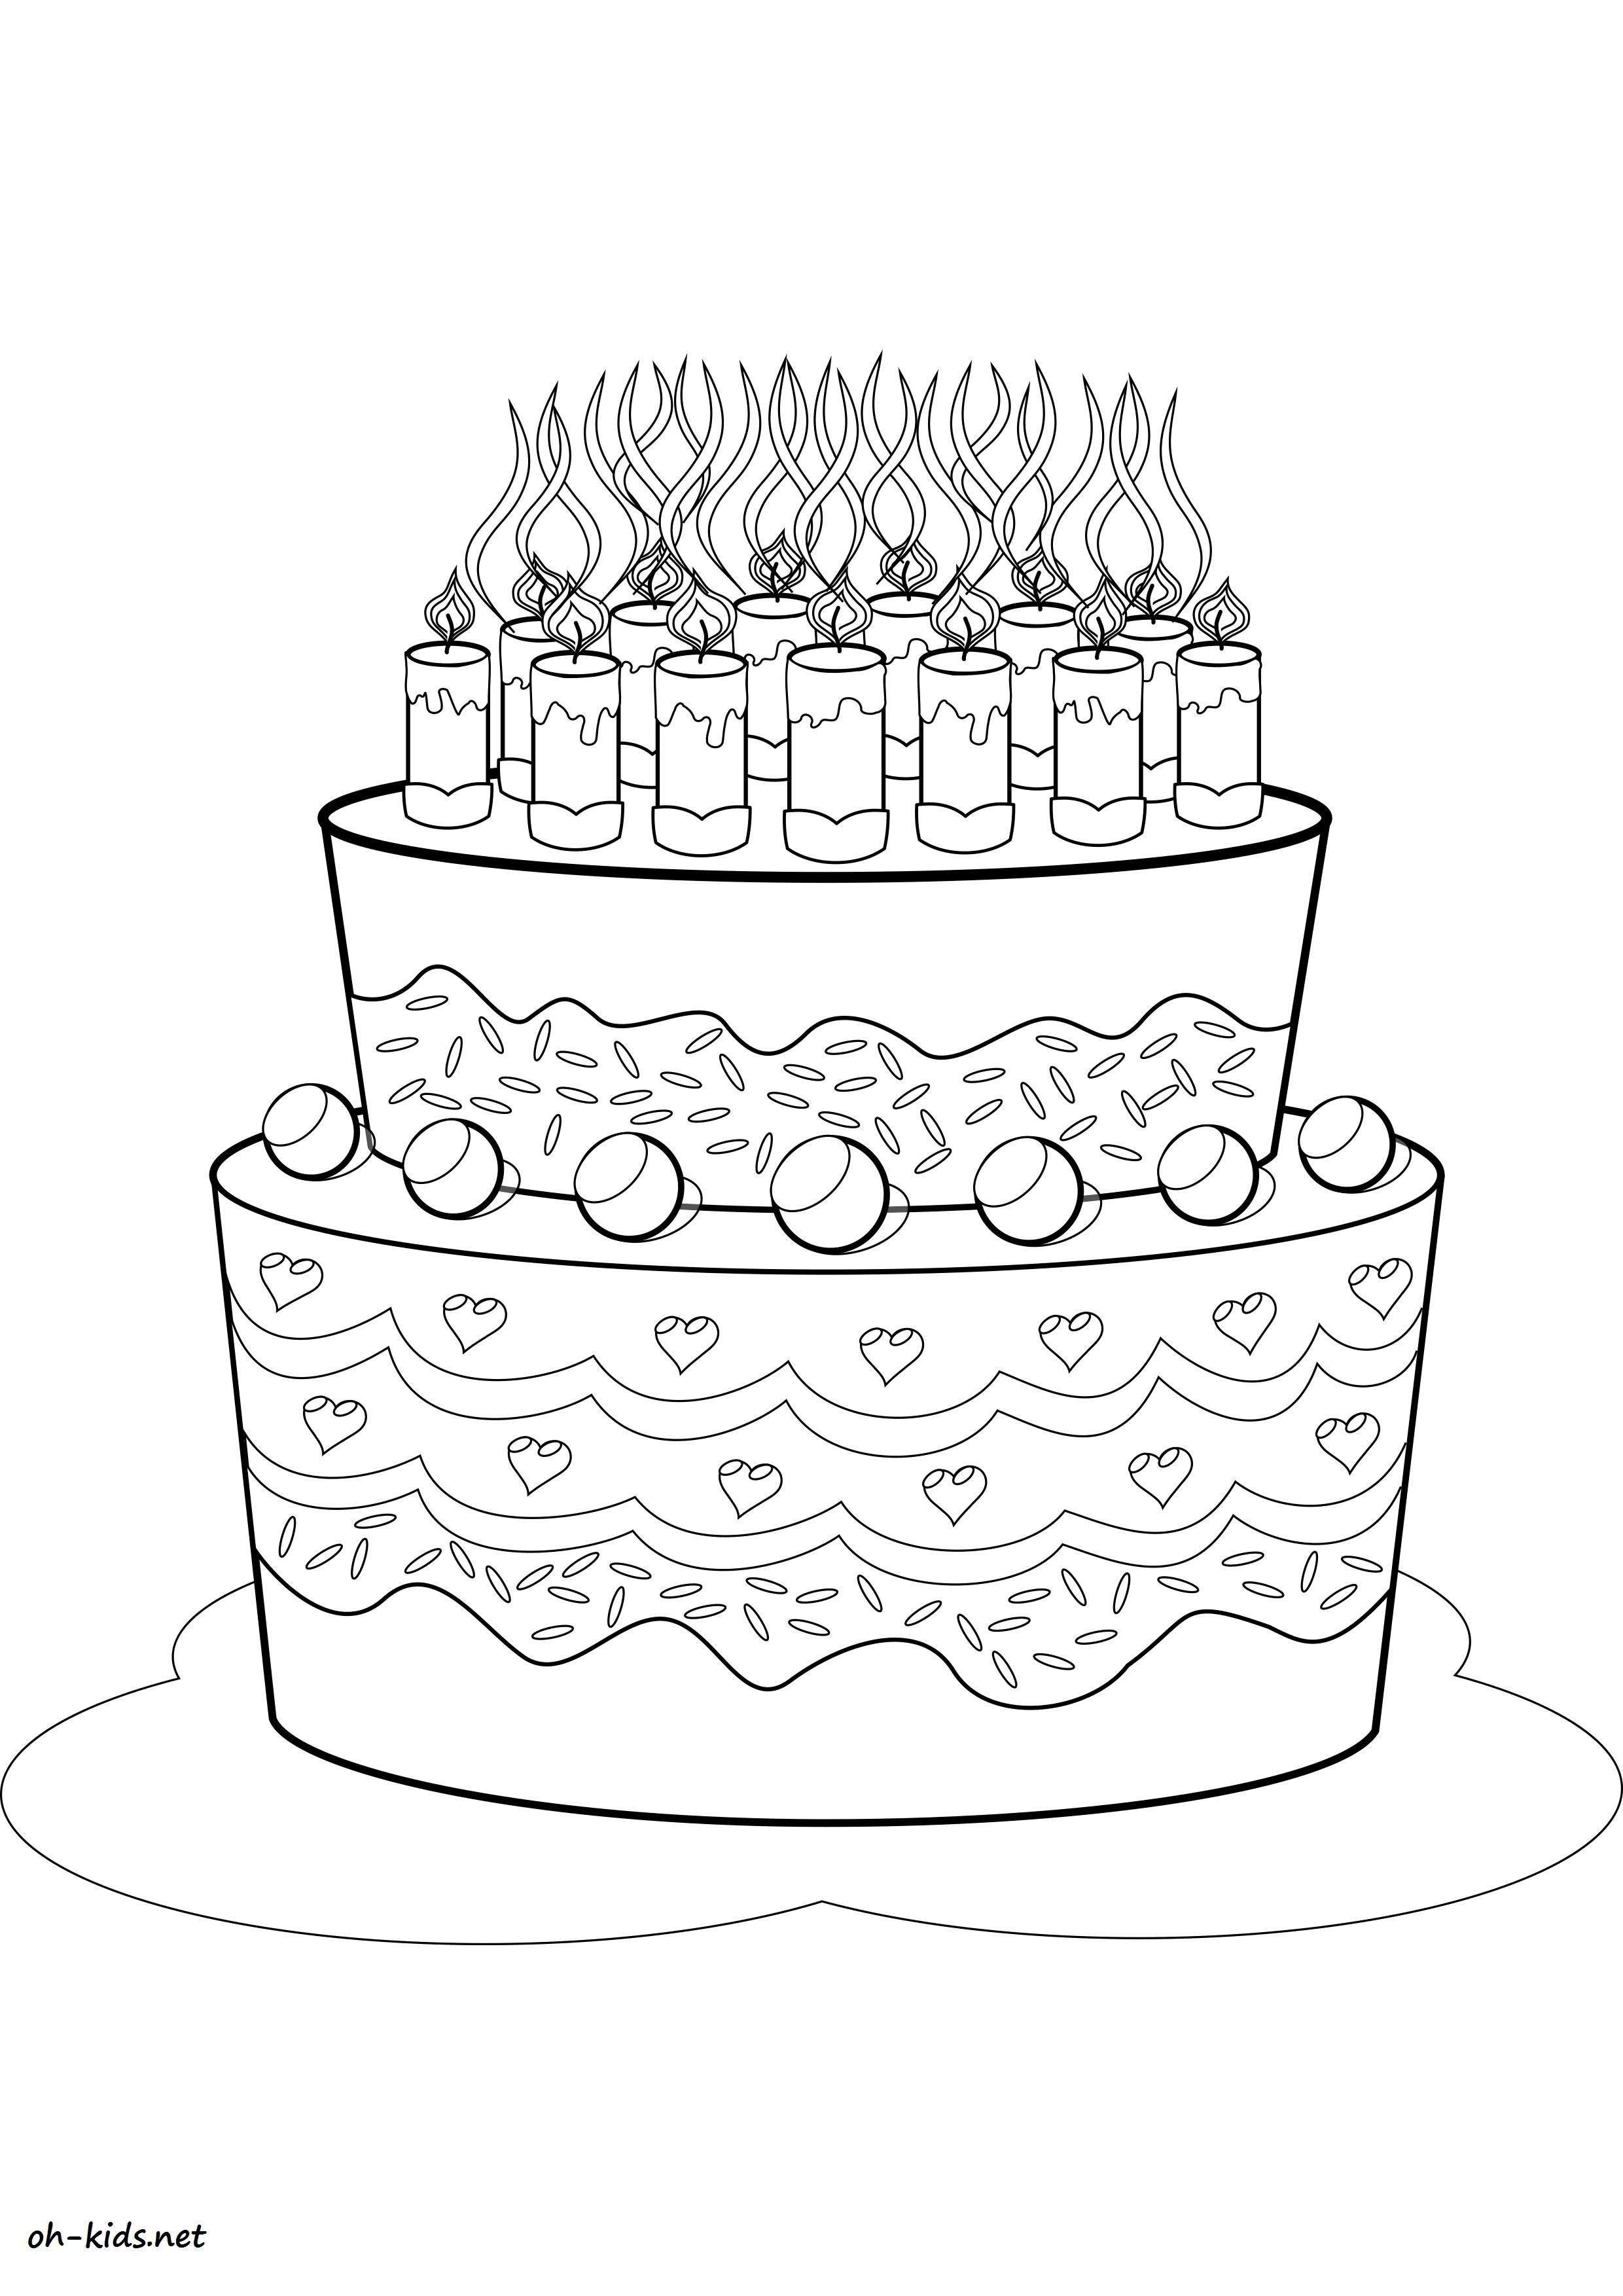 Coloriage gâteau anniversaire - oh Kids FR